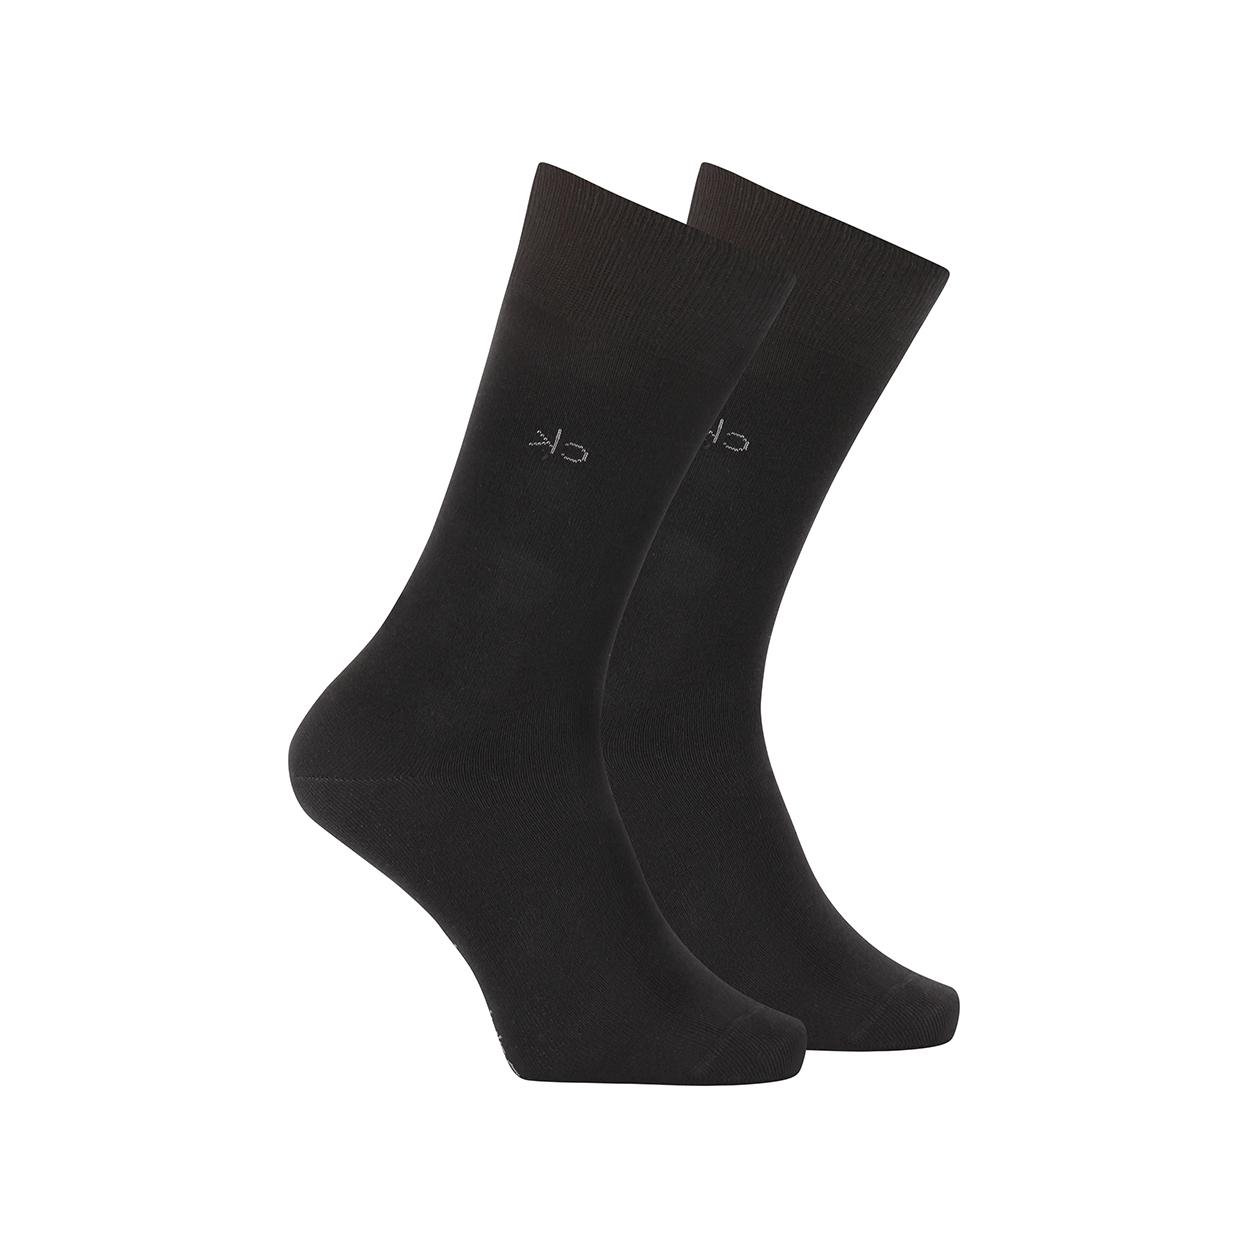 Lot de 2 paires de chaussettes hautes calvin klein en coton mélangé stretch noir